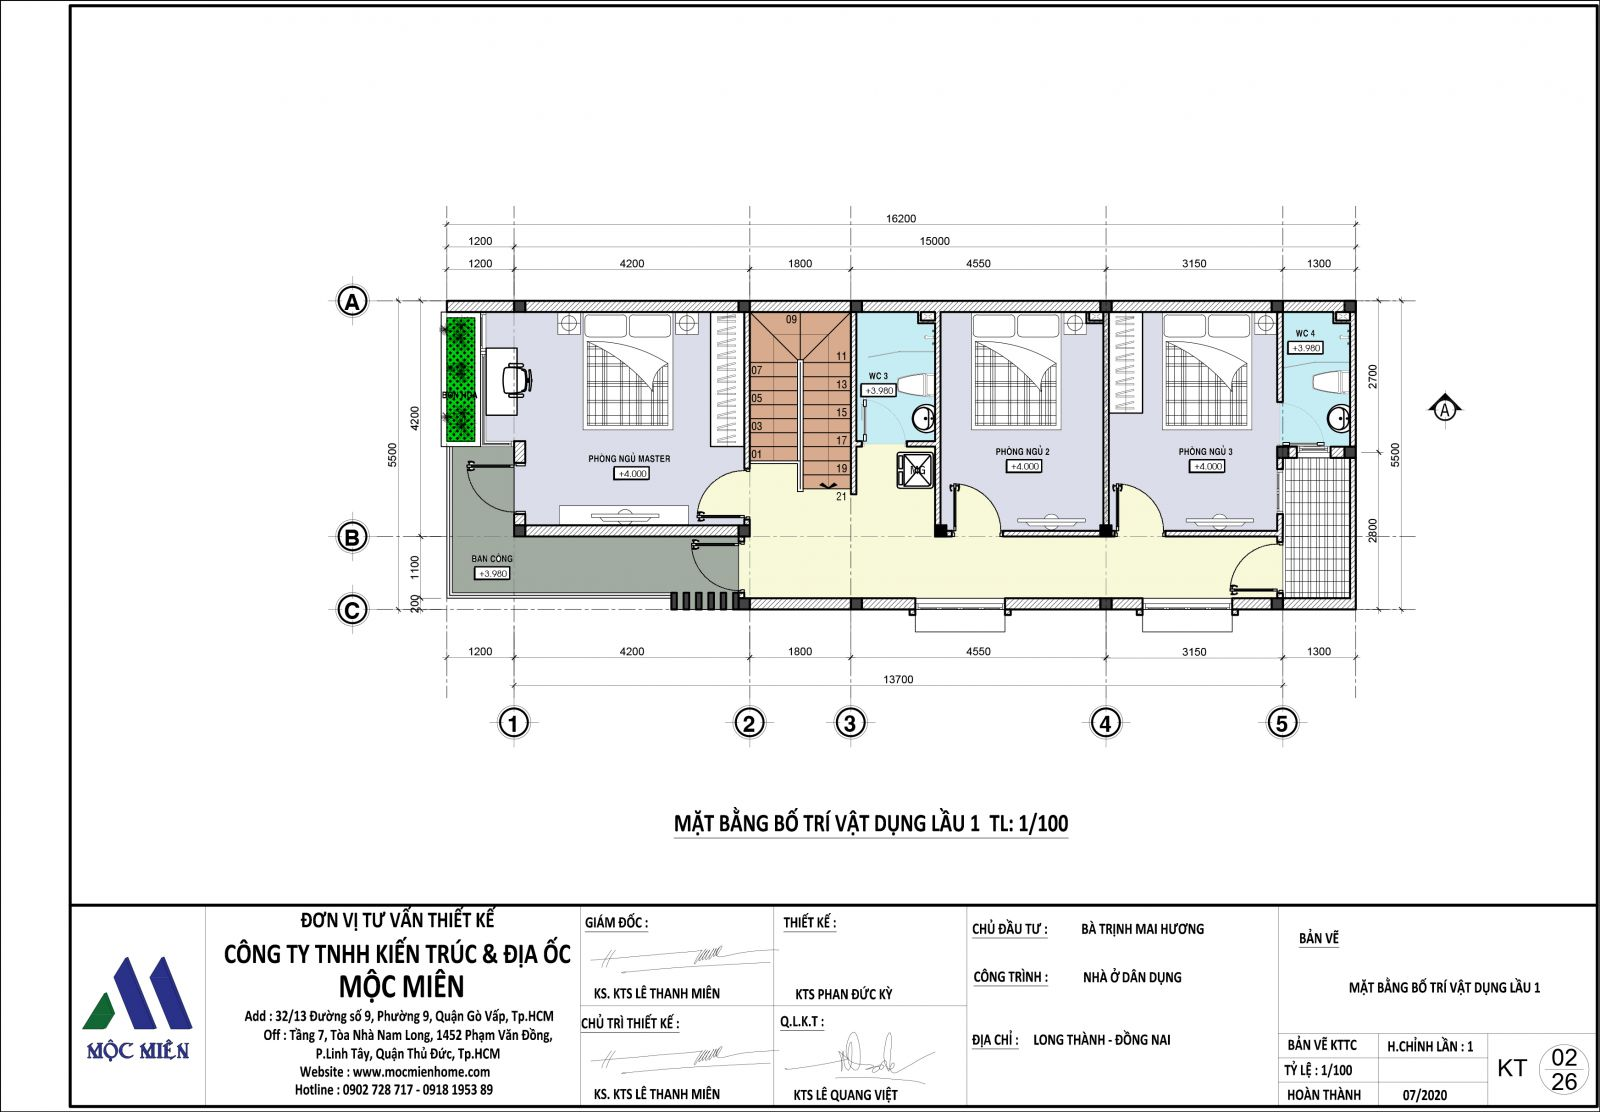 cần hồ sơ thiết kế trước khi xây nhà